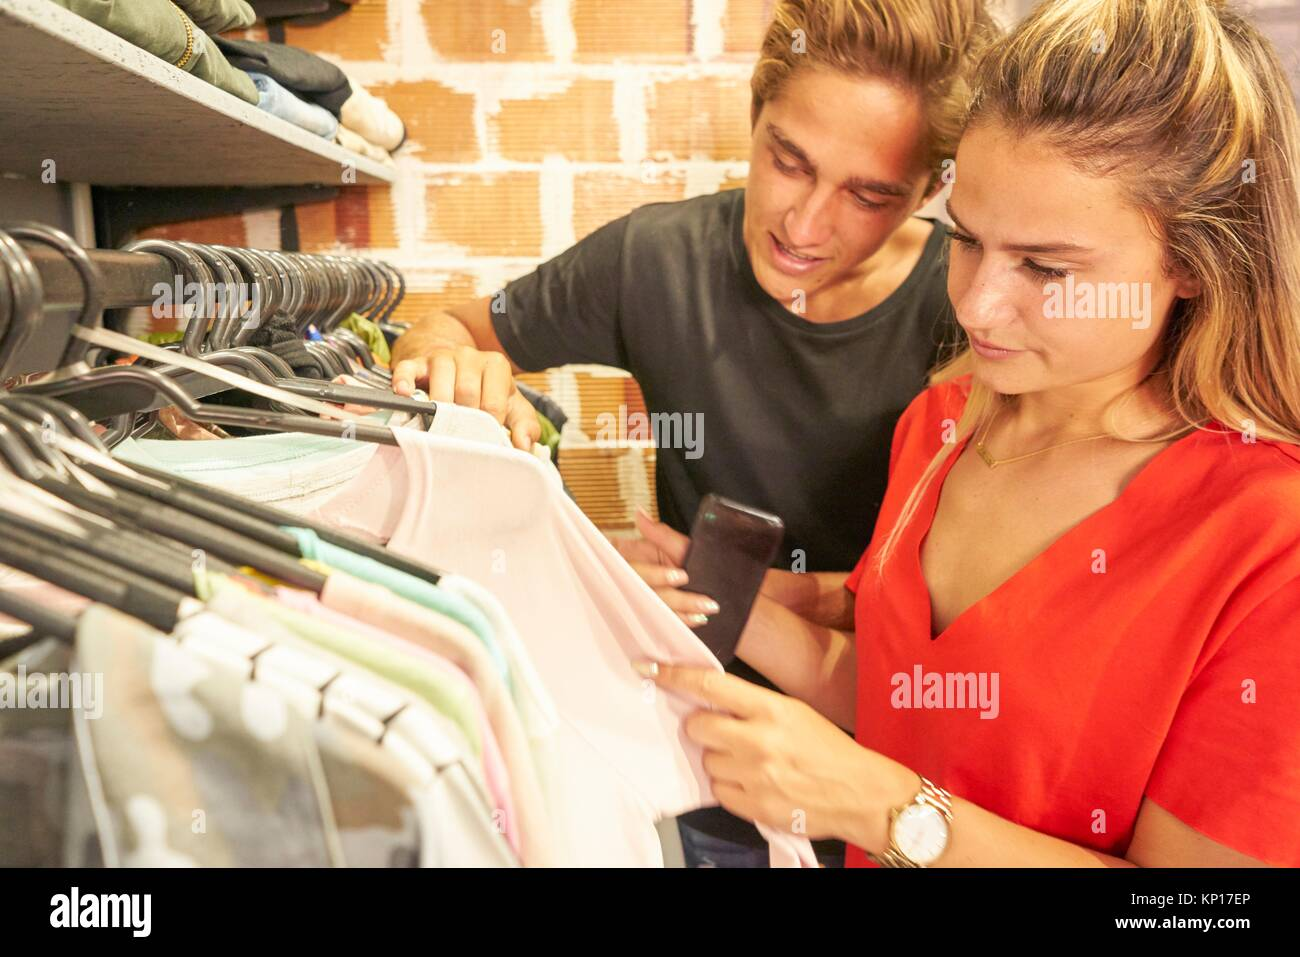 Jeune couple néerlandais shopping ensemble vêtements dans une boutique de vêtements Photo Stock